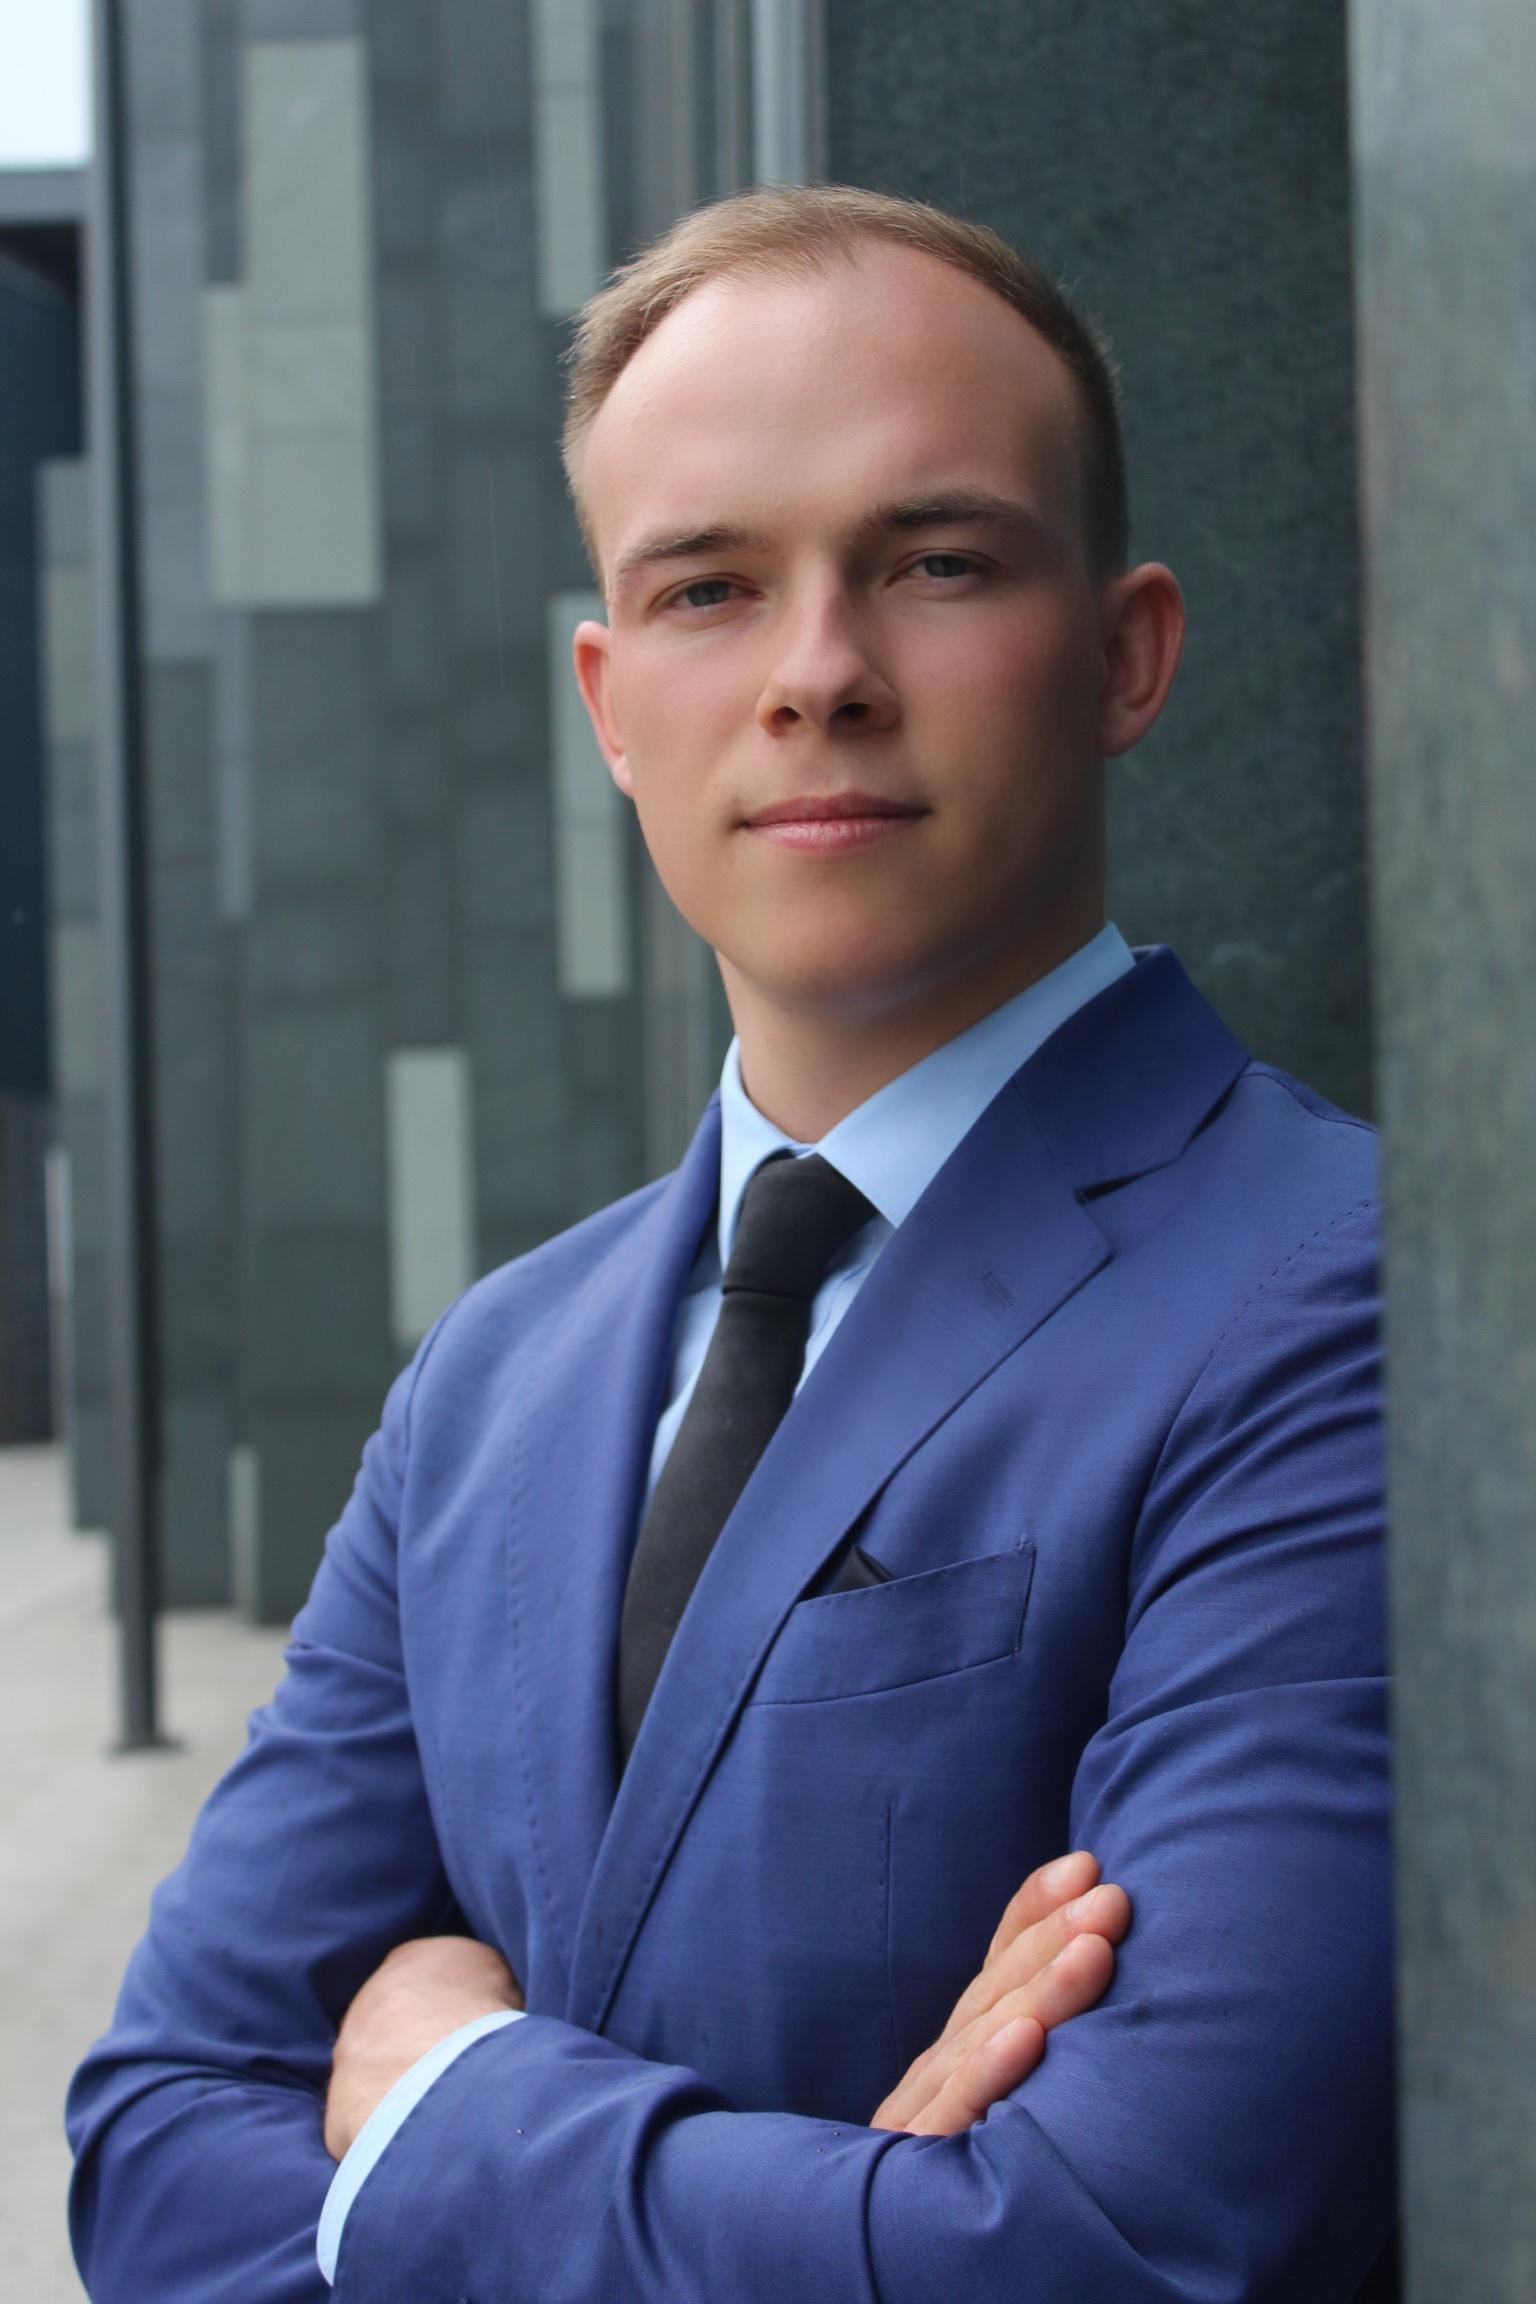 Fabian aus Leipzig Haarfarbe: blond (hell), Augenfarbe: blau-grau, Größe: 182, Deutsch: 0, Englisch: , Französisch: , Spanisch: